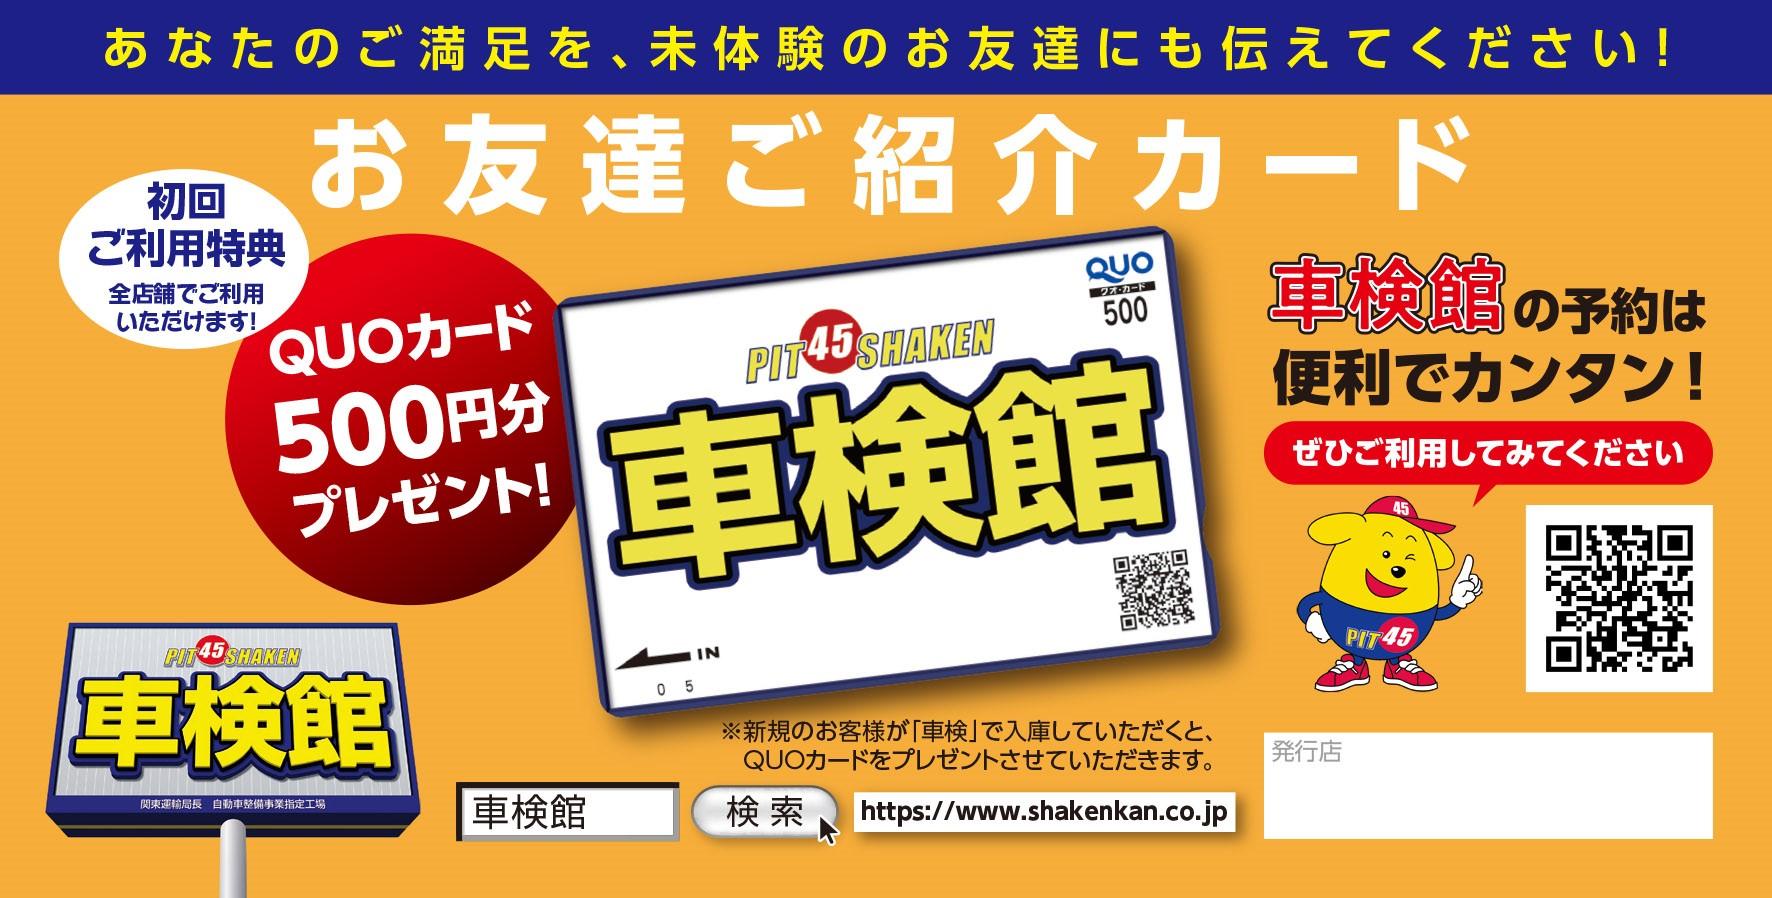 お友達紹介キャンペーン実施中!